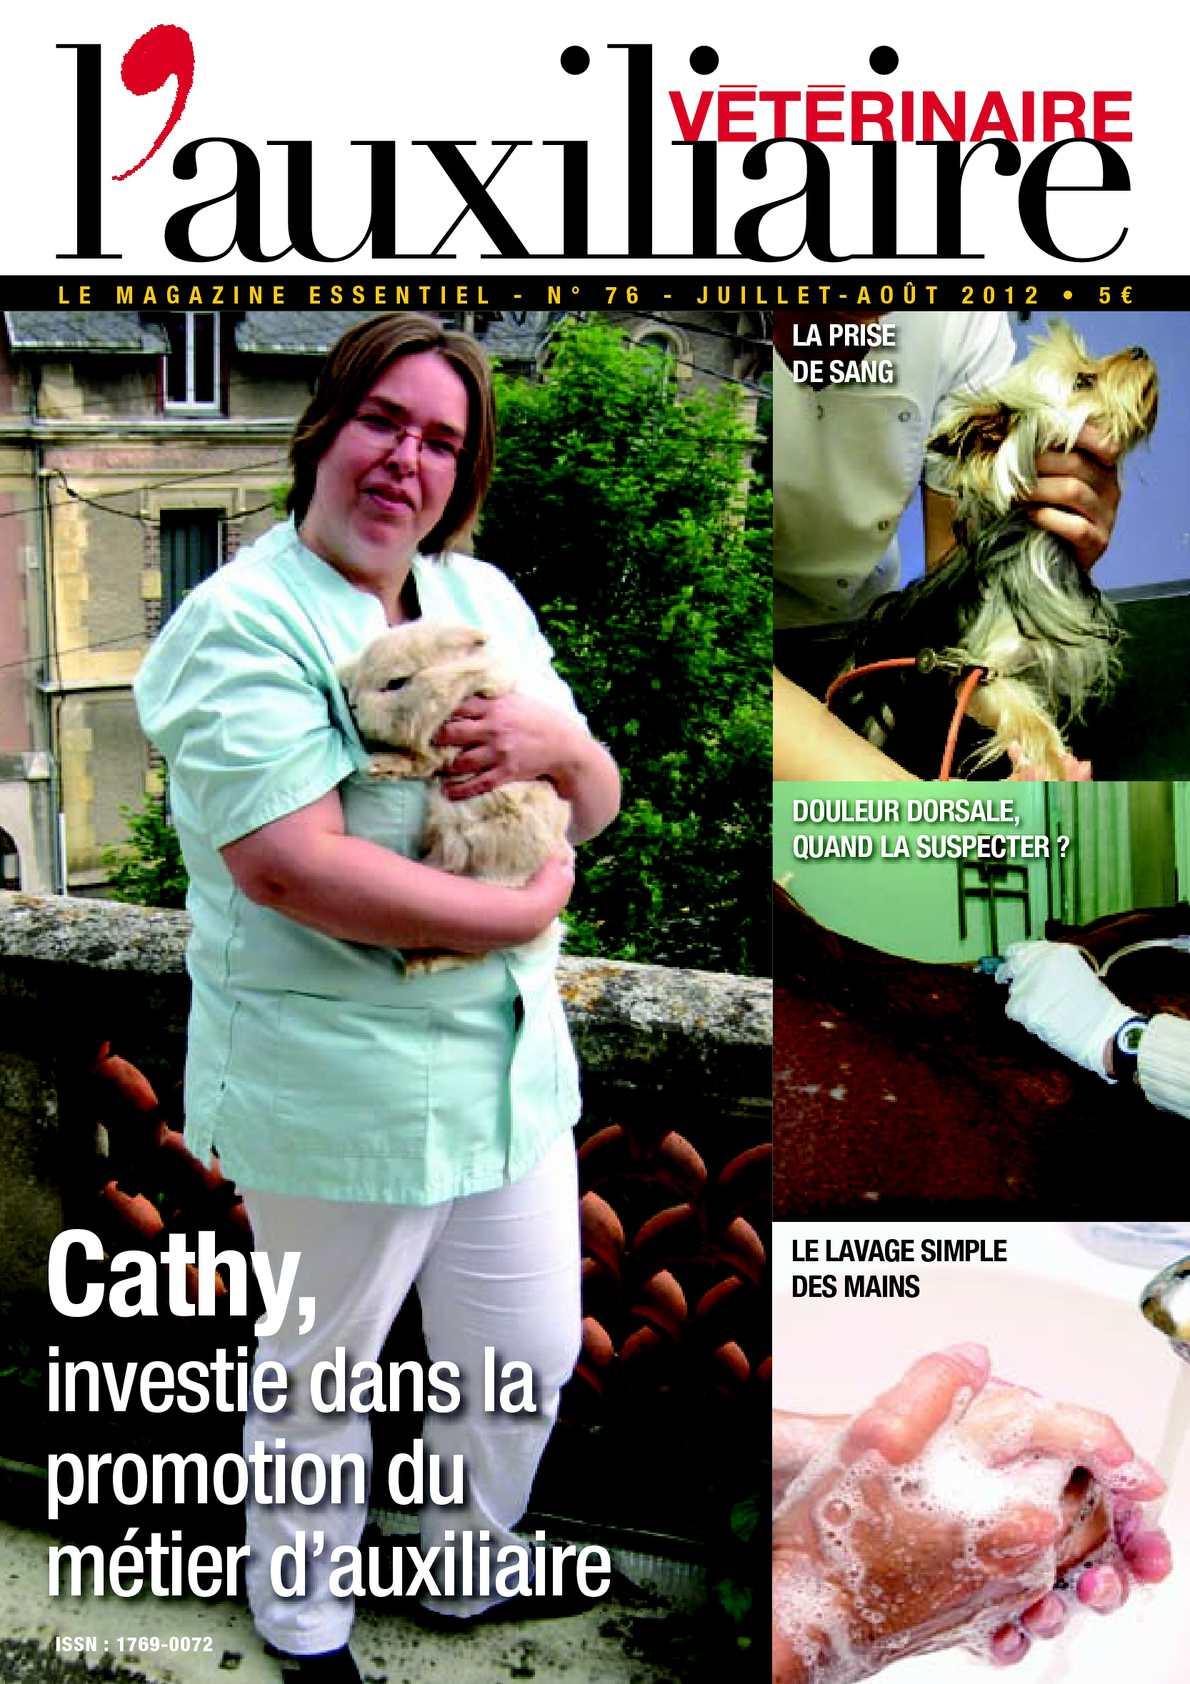 Magazine l'Auxiliaire vétérinaire n°76 juillet/août 2012 (extrait)